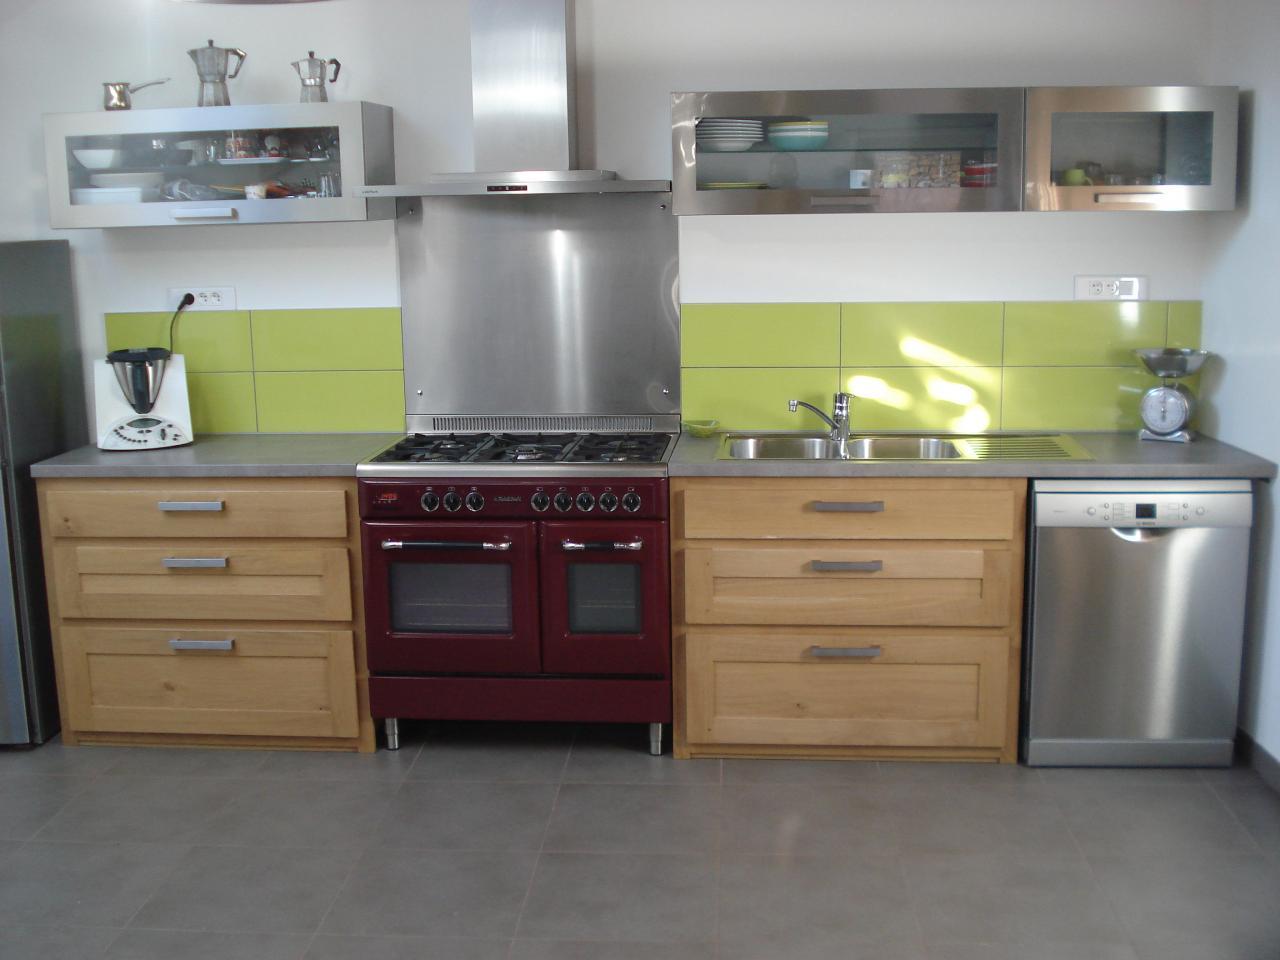 Réalisation de 2 meubles de cuisine en chêne, plateau en stratifié